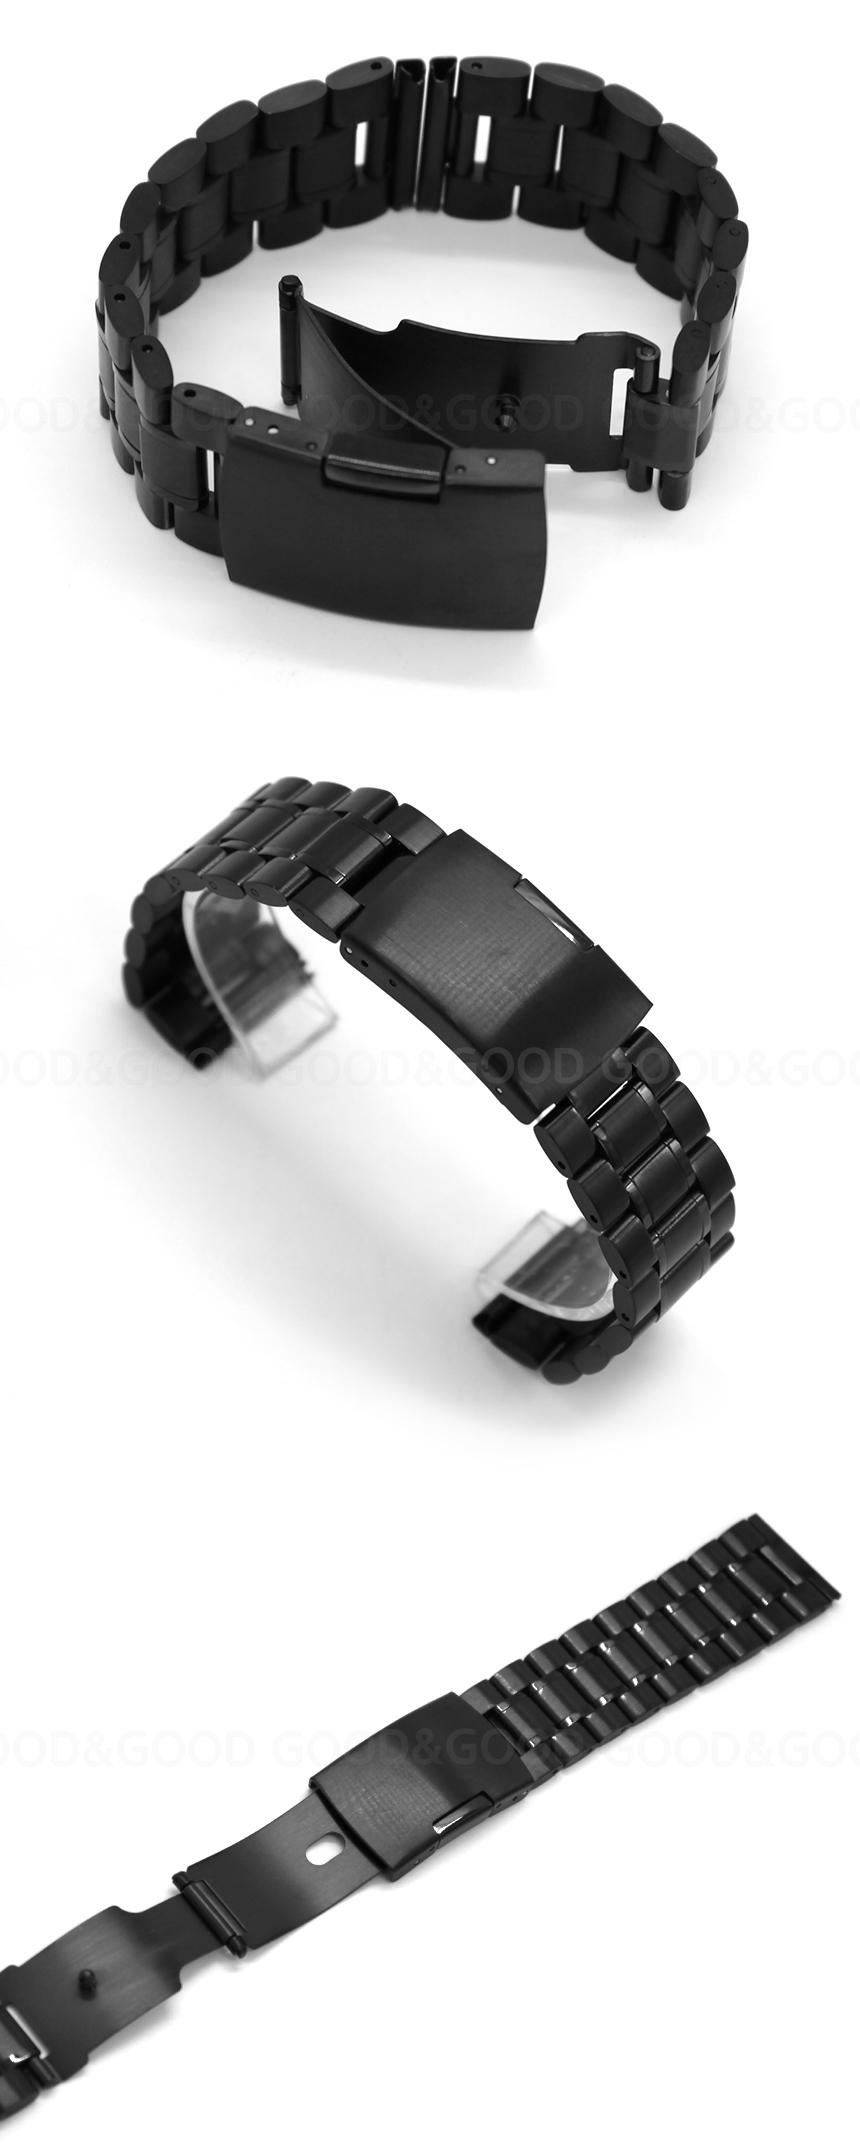 두께가 얇은 자동 버클로 손목이 덜 불편하며 양옆을 눌러 올리면 한방향으로 부드럽게 열립니다. 무광처리 된 블랙 사이에 포인트 유광이 들어있으며 무게는 가벼운 편입니다.